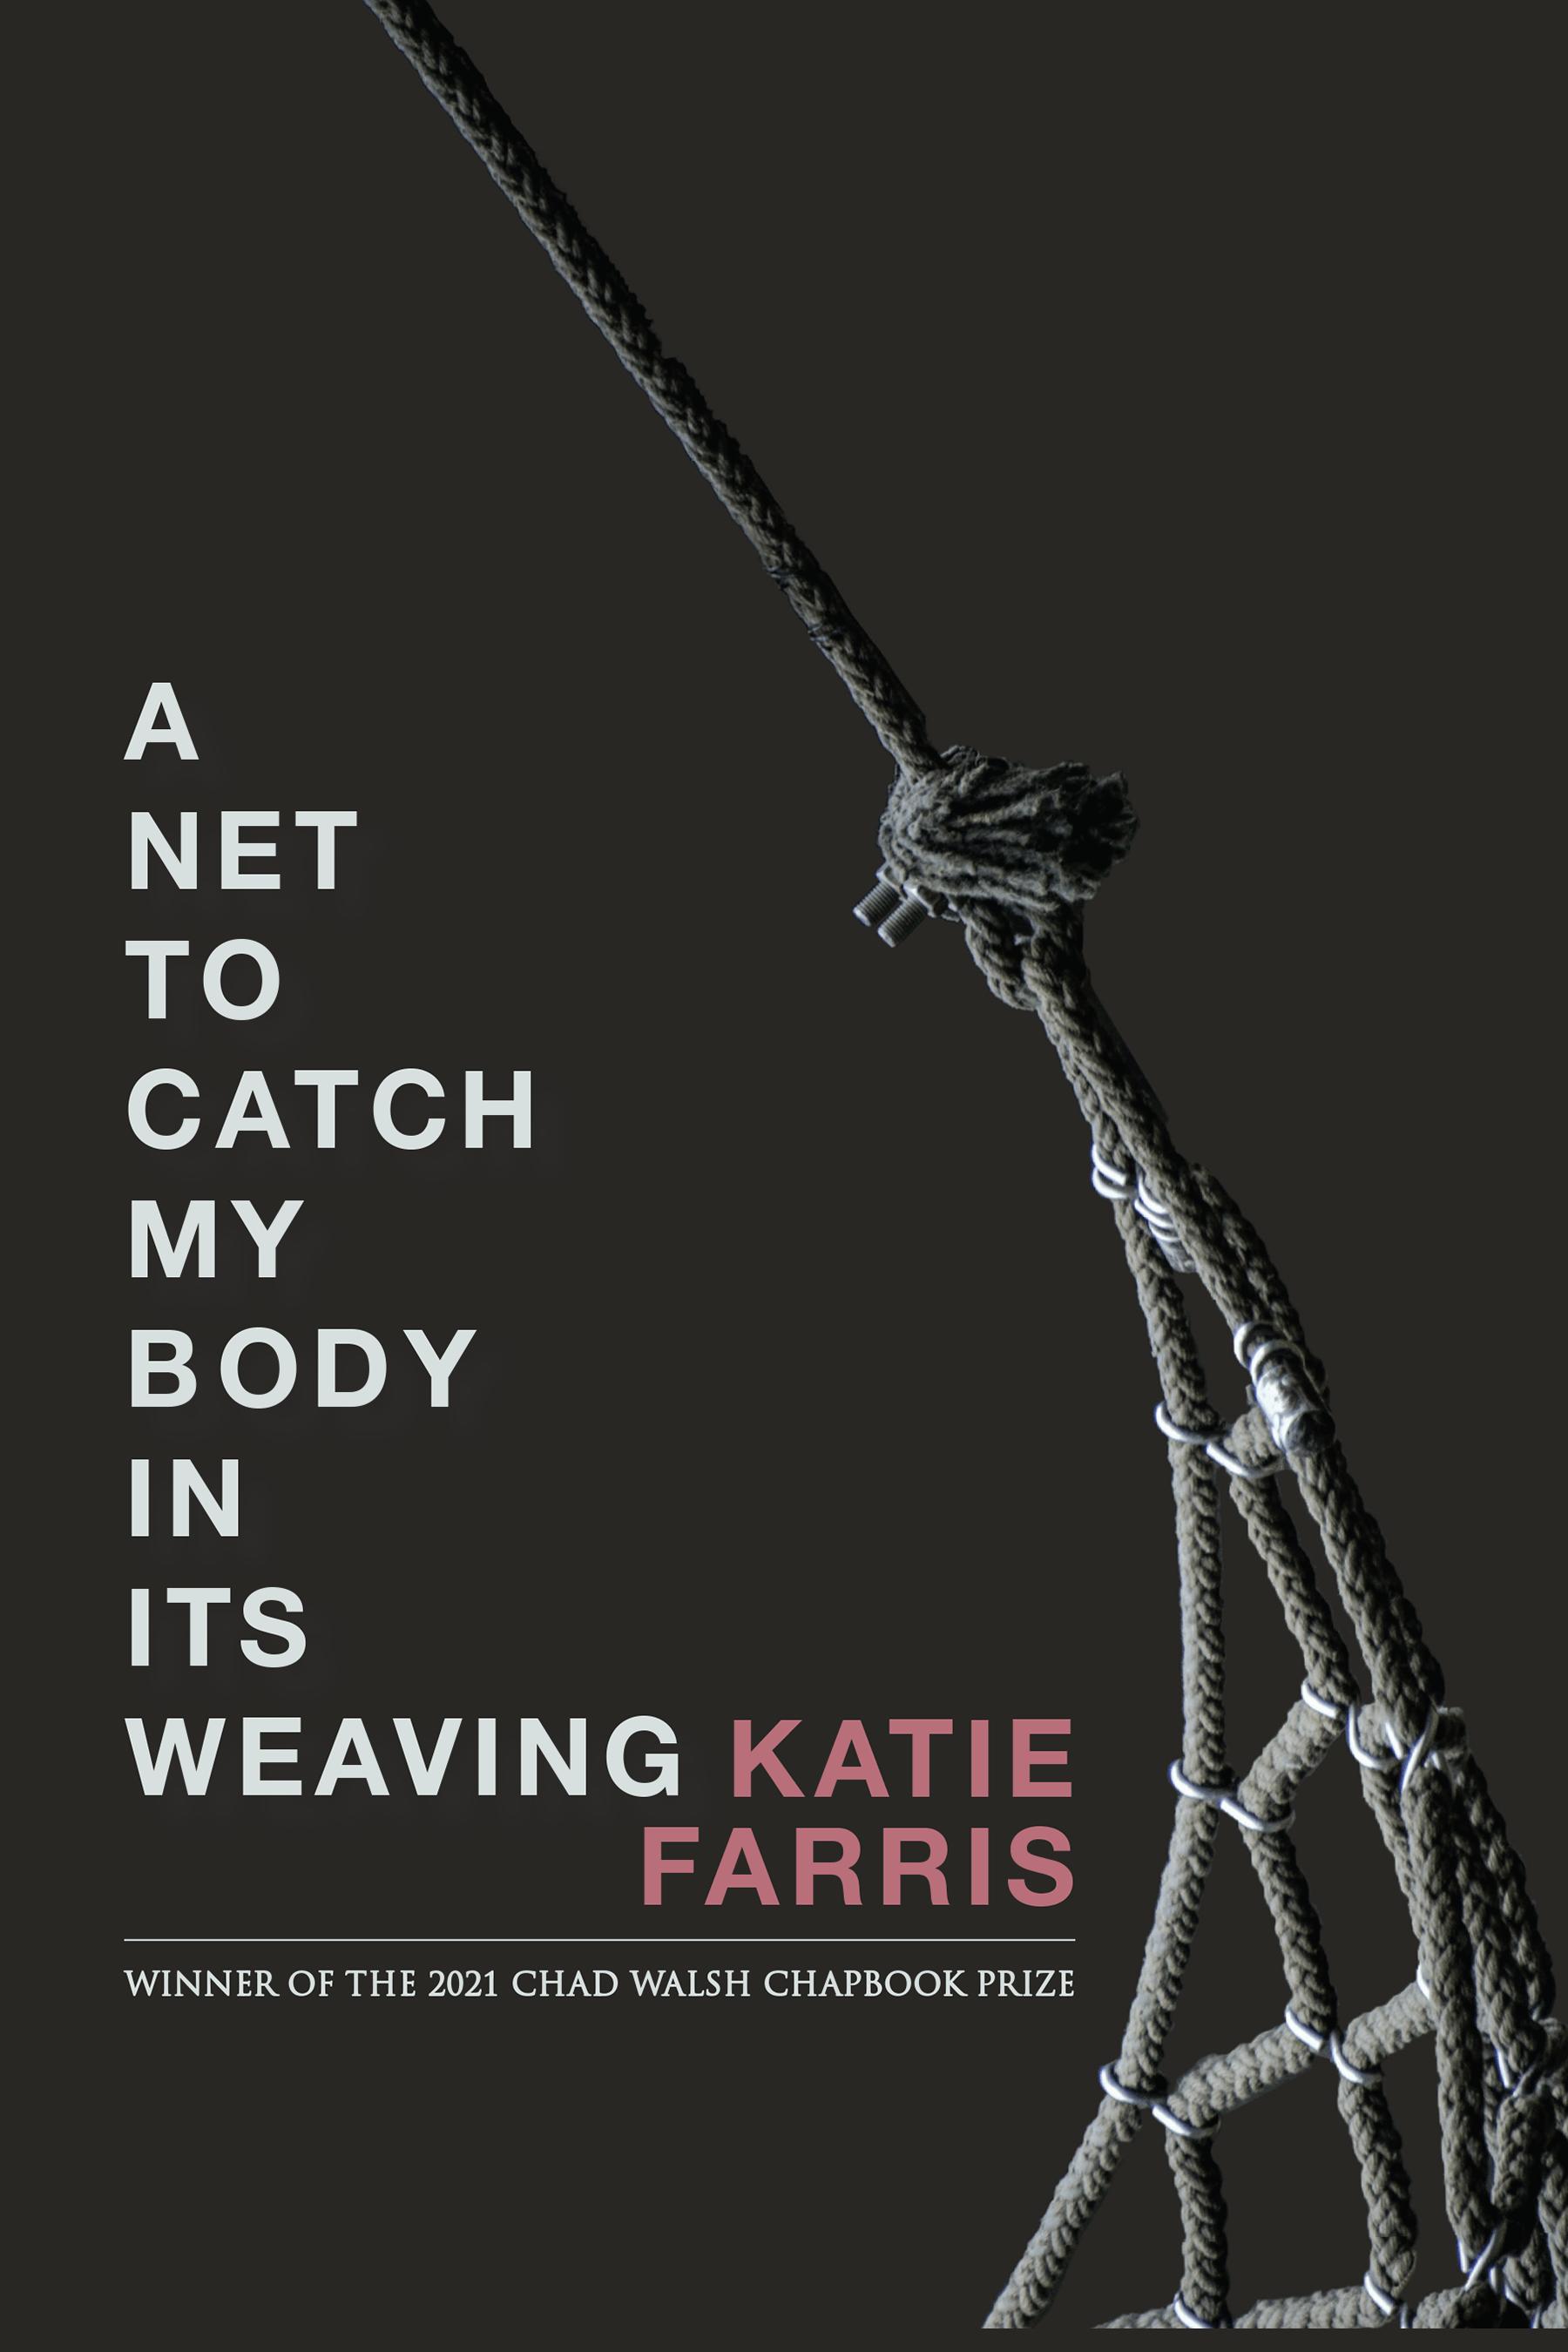 A Net to Catch My Body in its Weaving